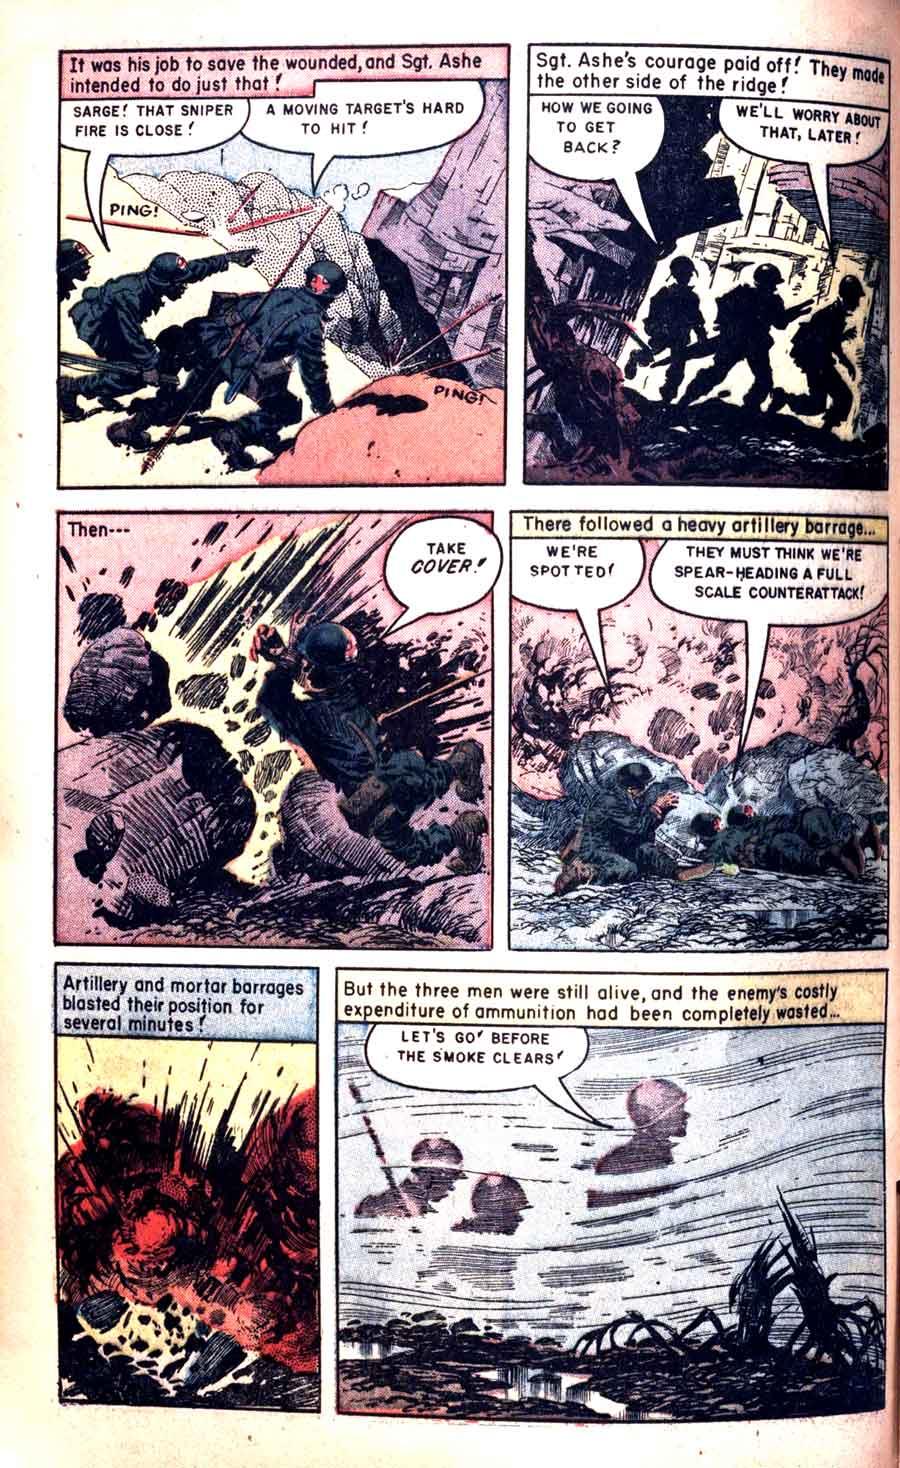 Heroic Comics #86 golden age 1950s war comic book page art by Frank Frazetta